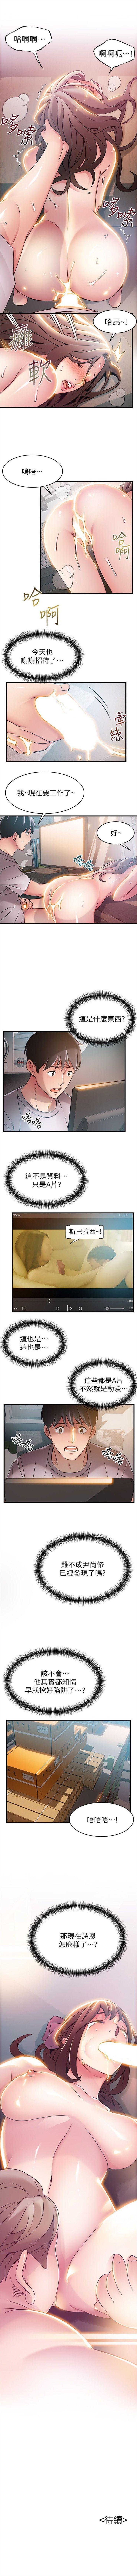 (周7)弱点 1-66 中文翻译(更新中) 161